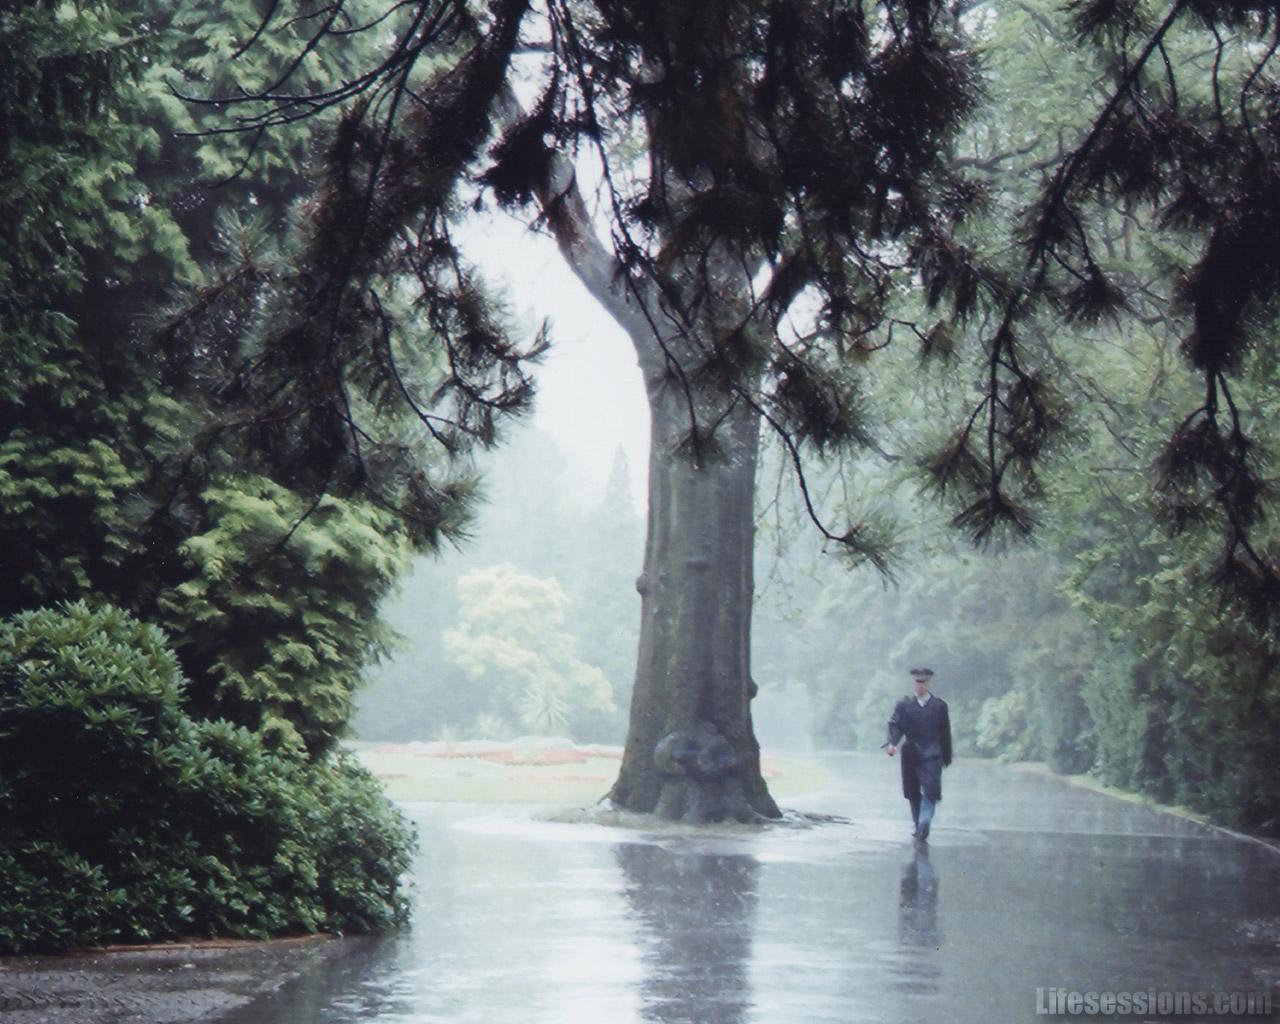 http://1.bp.blogspot.com/_k2uBsBPA3NY/TPZwZ3Y61uI/AAAAAAAACAA/3mJFVJN3I70/s1600/prague_guard_rain.jpg